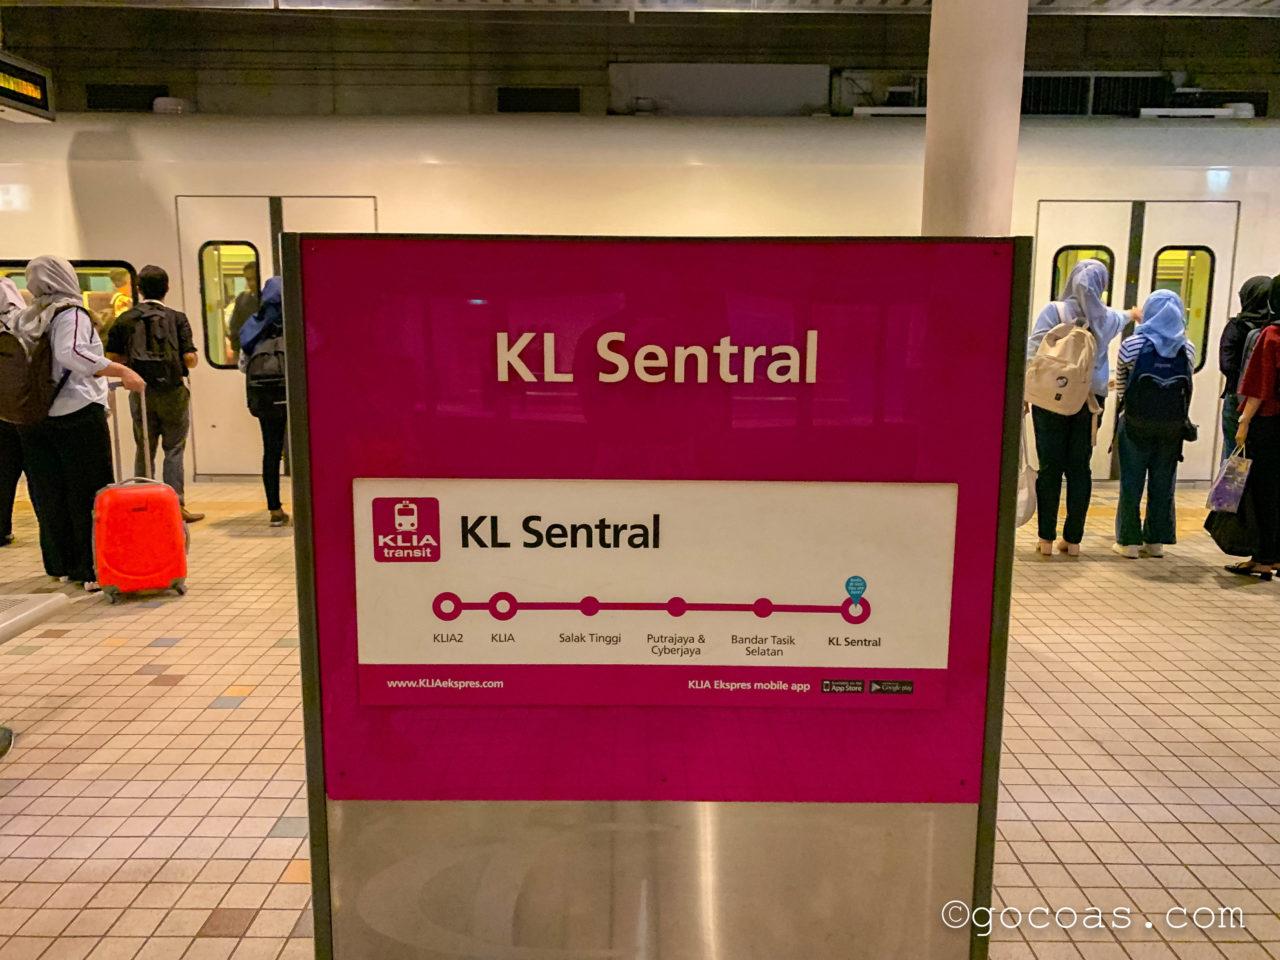 KLセントラル駅構内の路線図の看板